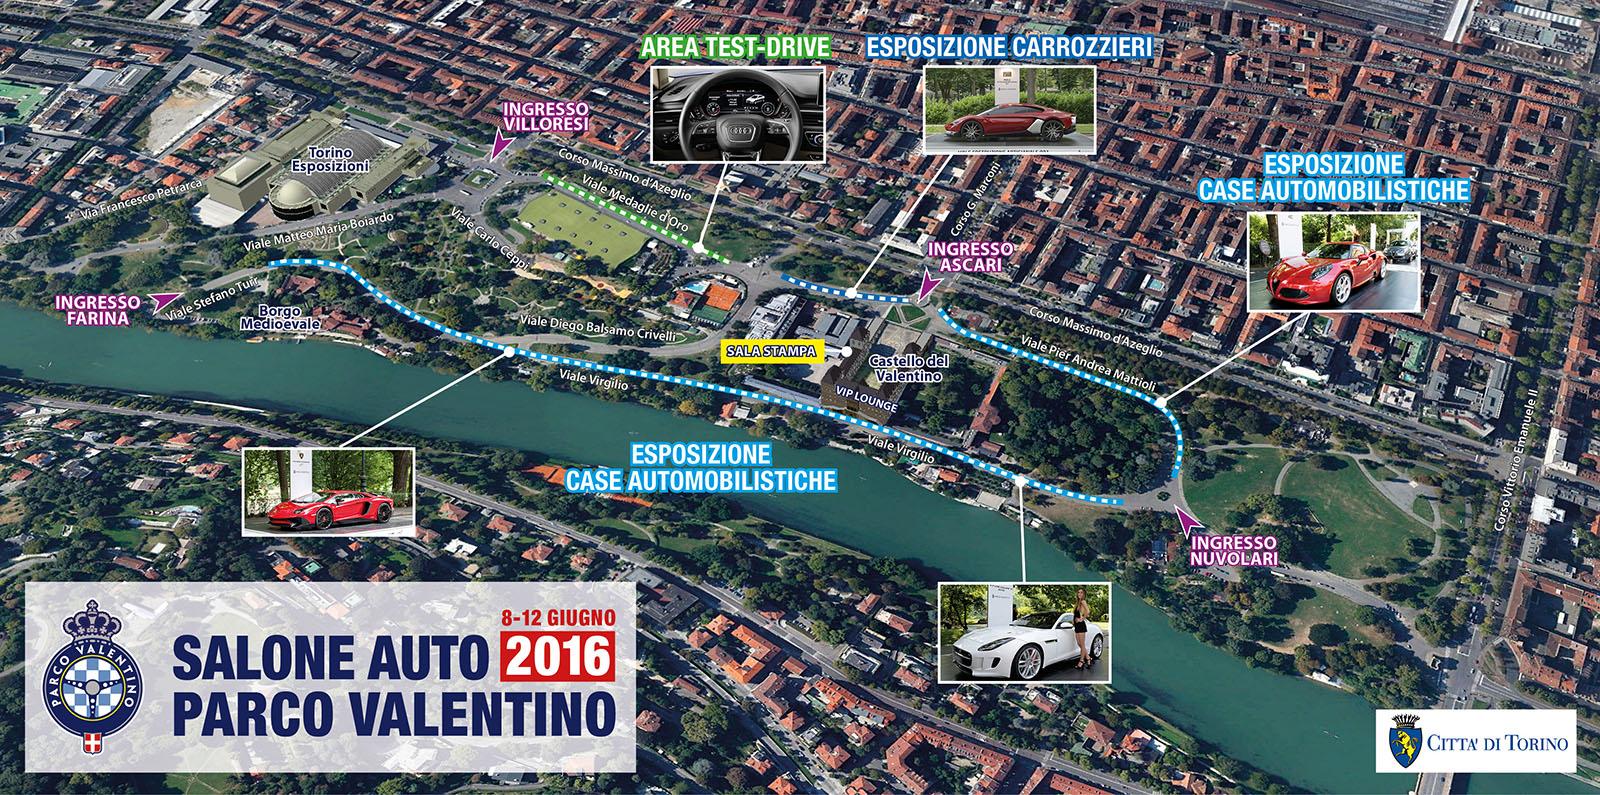 parco_valentino_2016_mappa